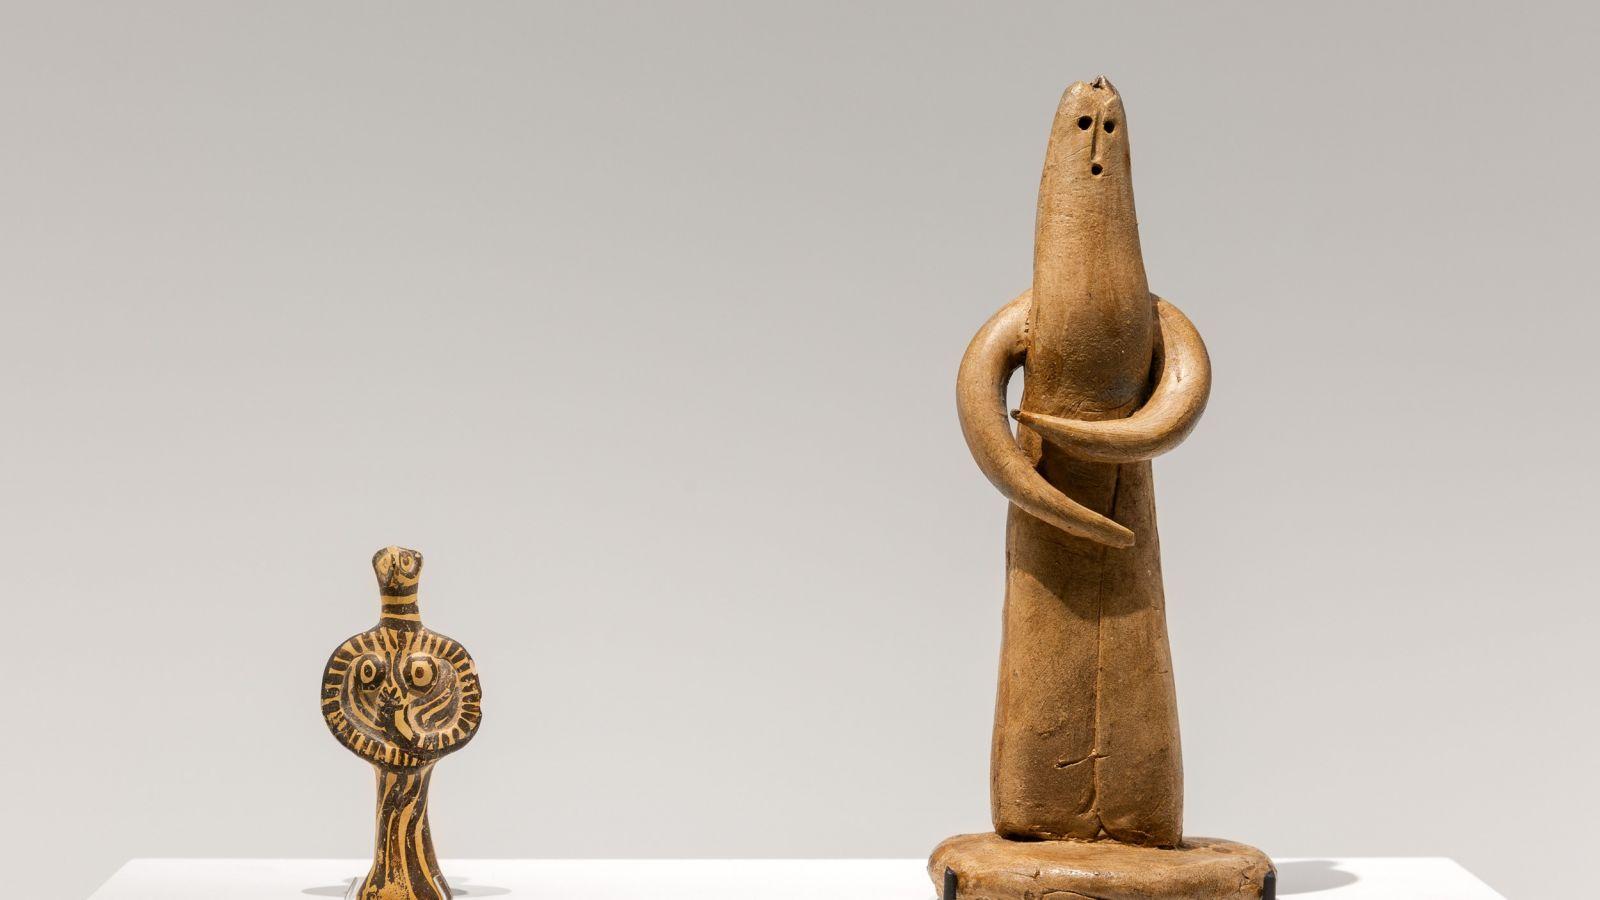 Μουσείο Κυκλαδικής Τέχνης Πικάσο και Αρχαιότητα: Παγκόσμια διάκριση για την έκθεση «Πικάσο και Αρχαιότητα»